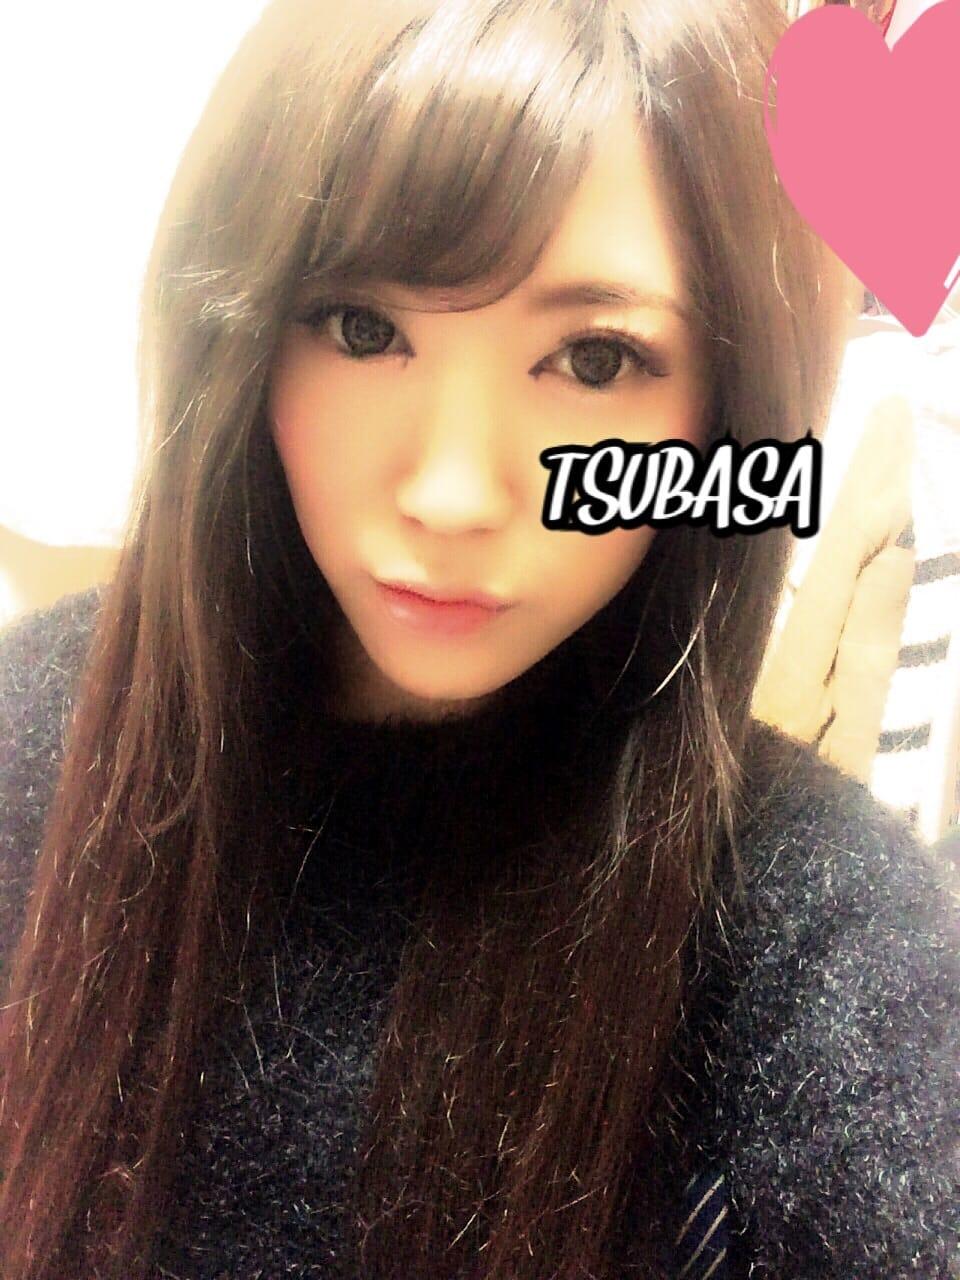 「おはろーん」01/15(01/15) 15:48 | つばさの写メ・風俗動画